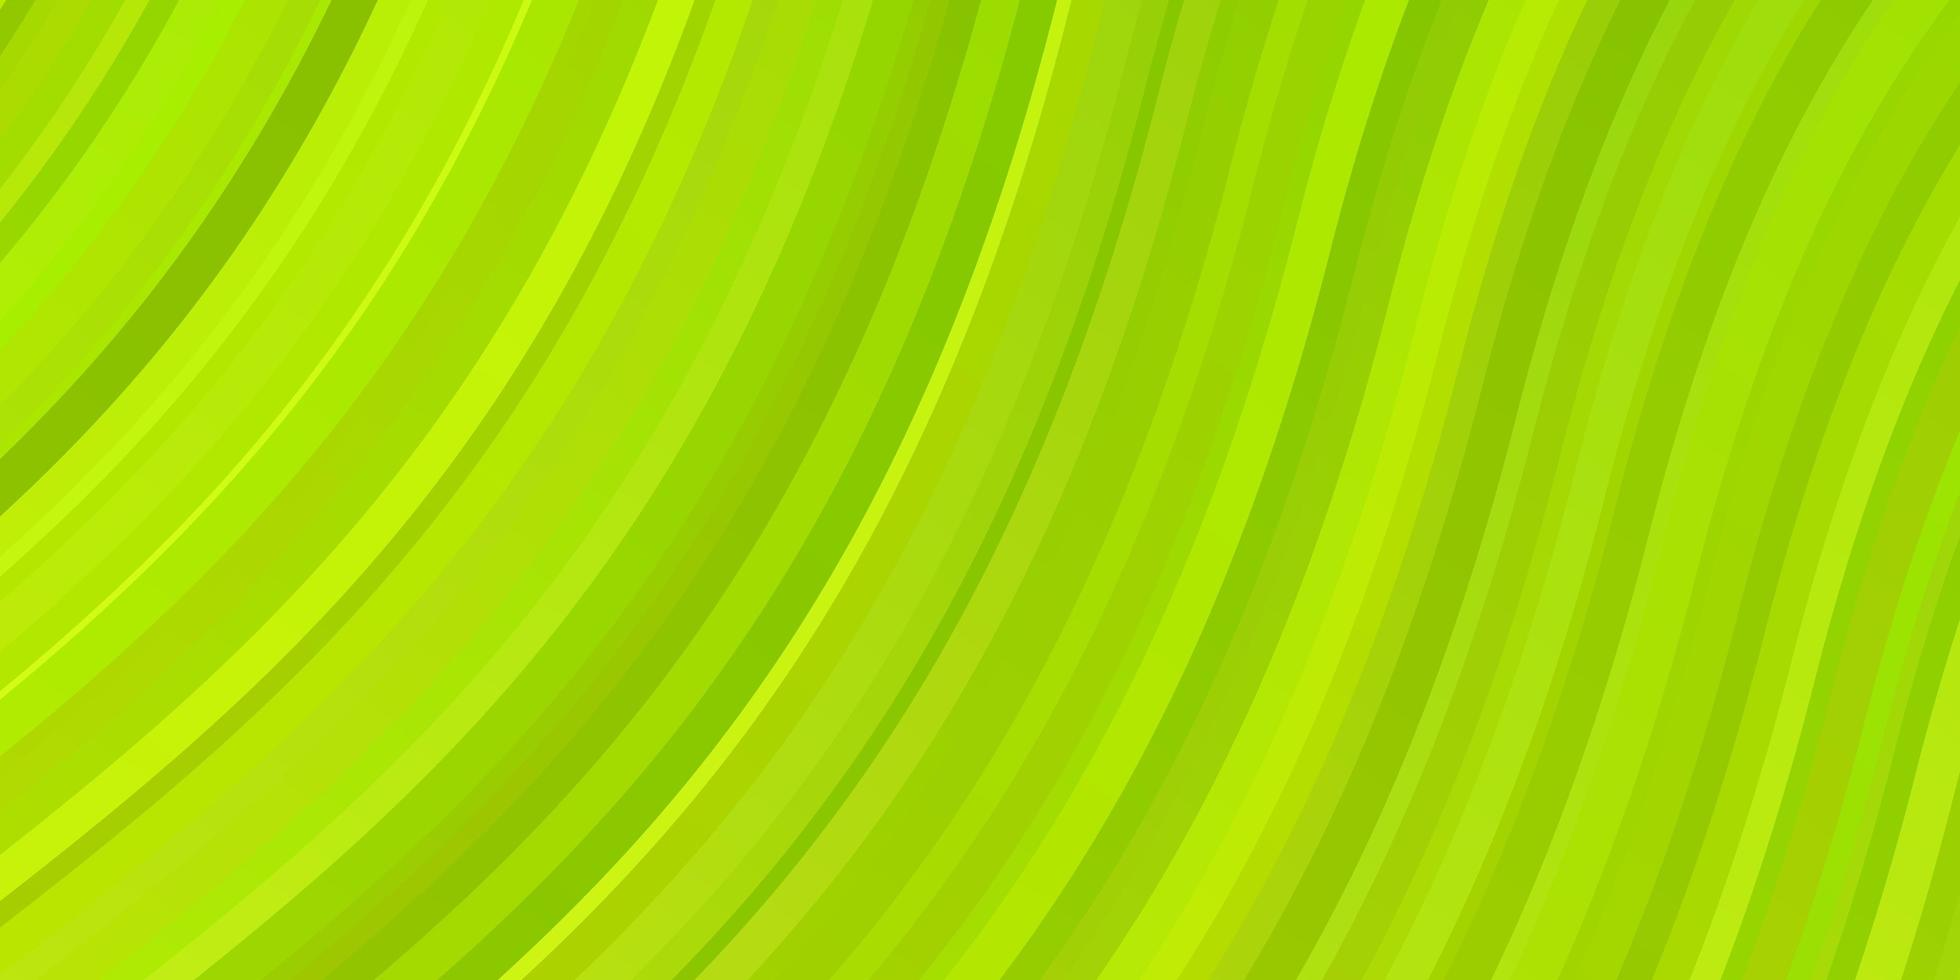 ljusgrön, gul vektorbakgrund med böjda linjer. vektor